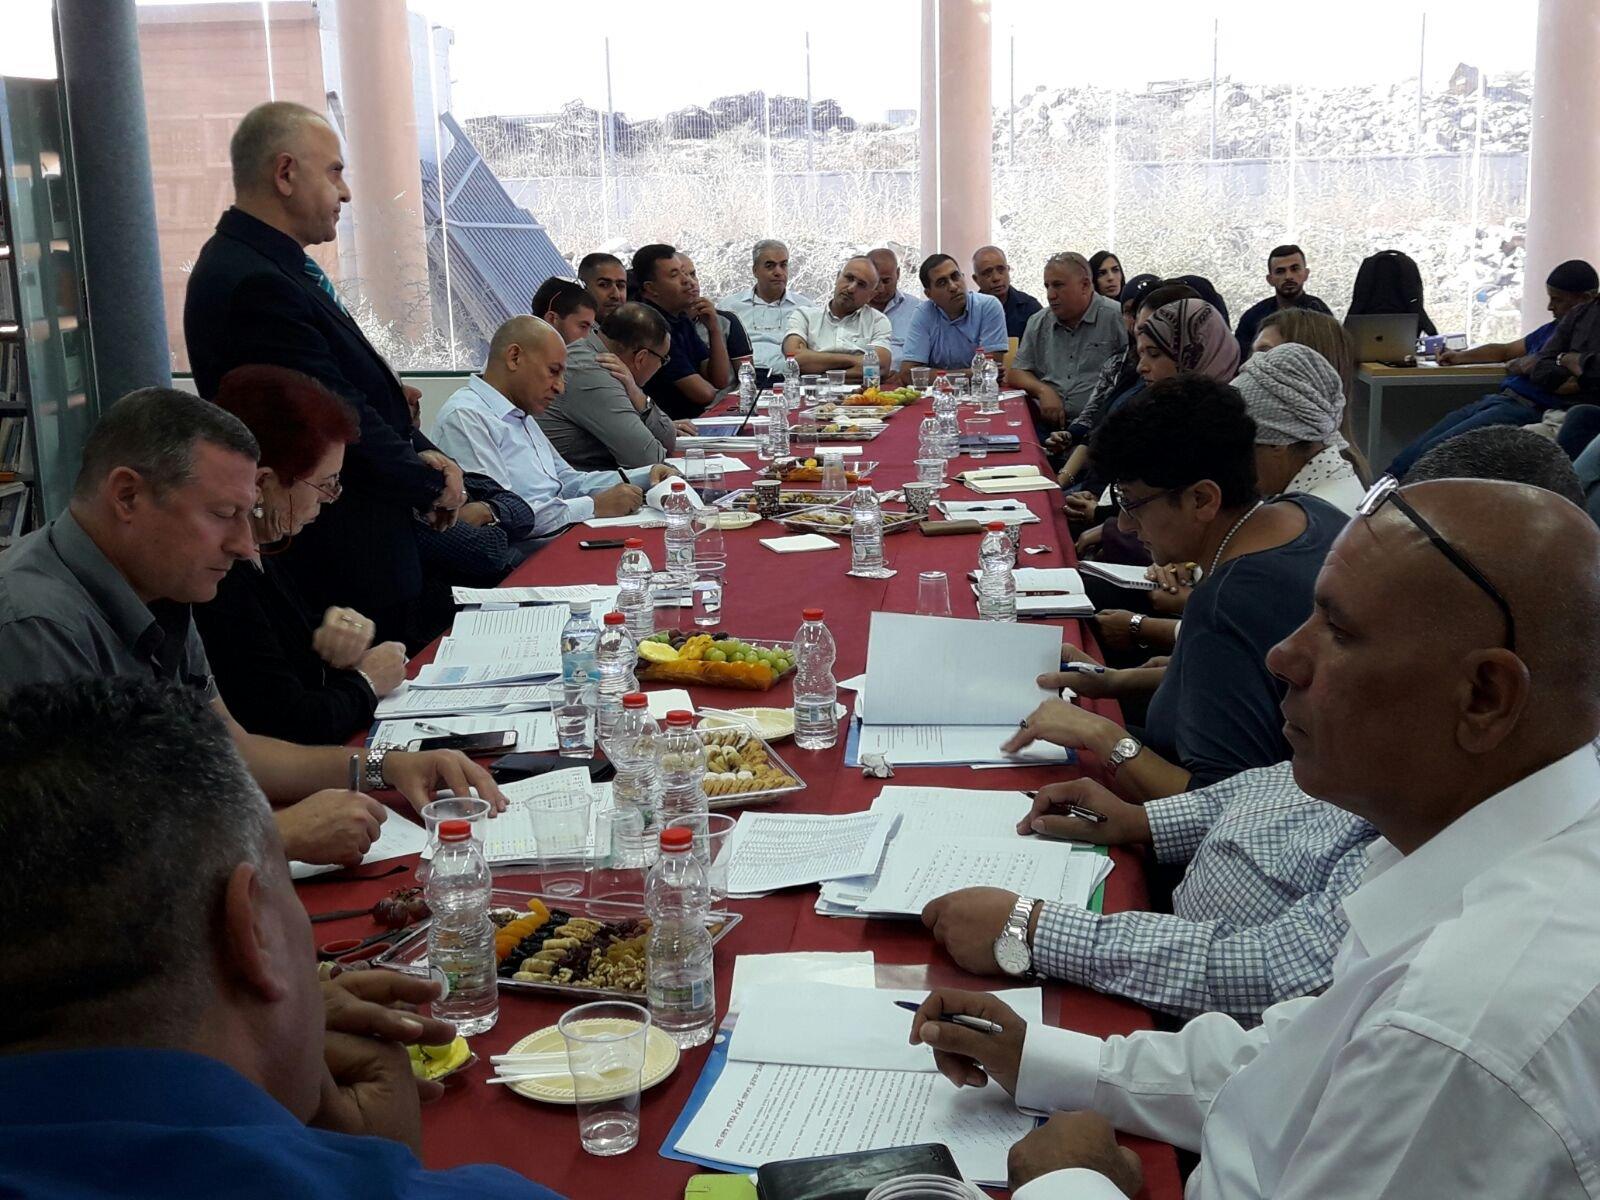 المدير العام للوزارة شموئيل أبواب في زيارة لجهاز التعليم البدوي في حوره .